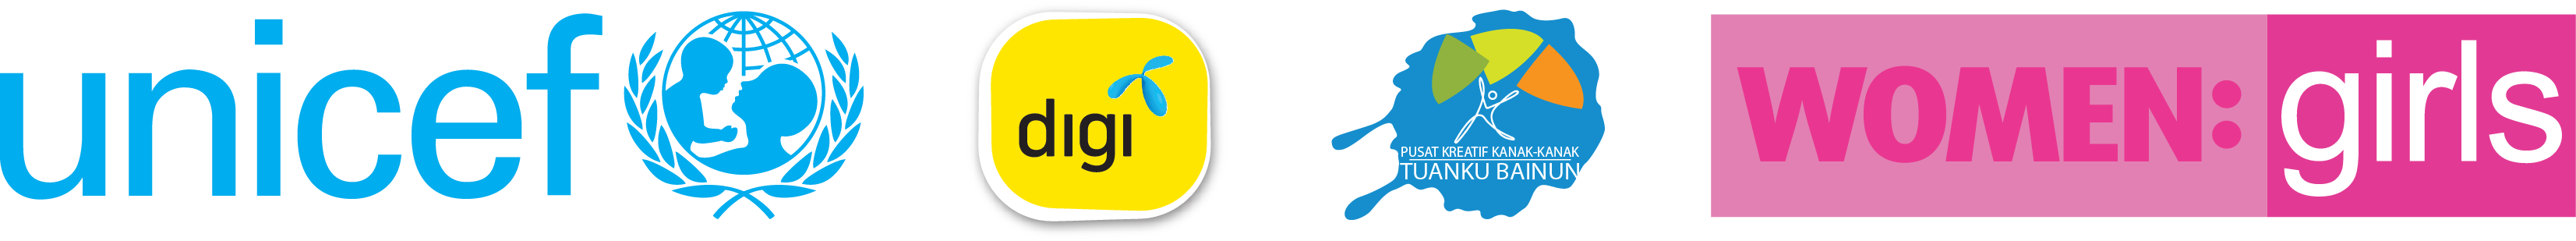 unicef-logo-combine